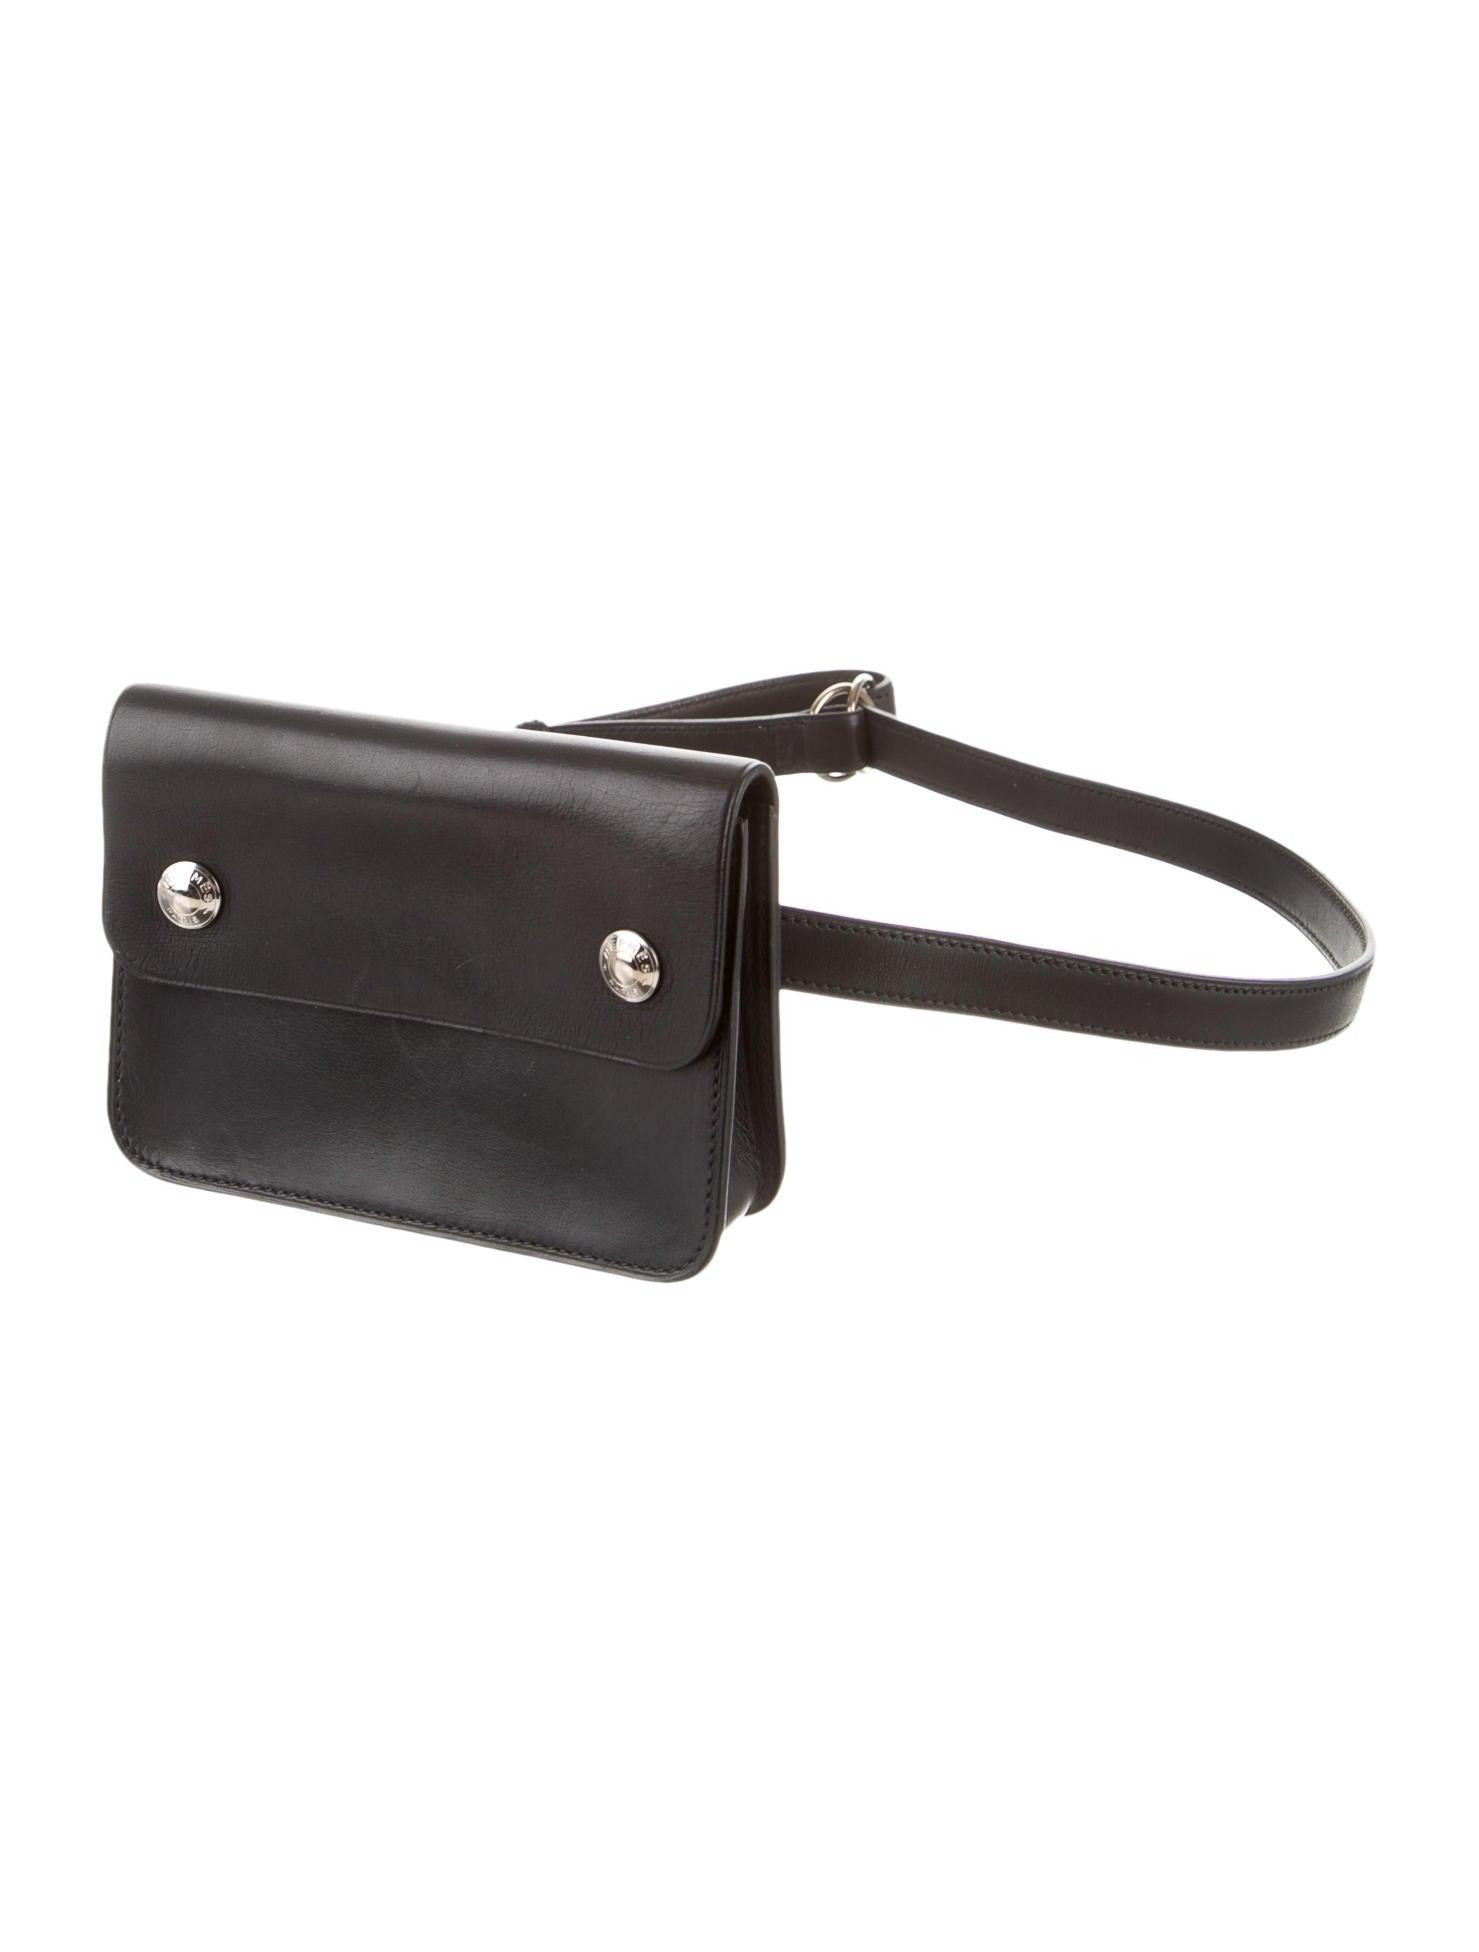 hermes orange wallet - hermes evercalf pochette waist bag, cheap hermes bags replica